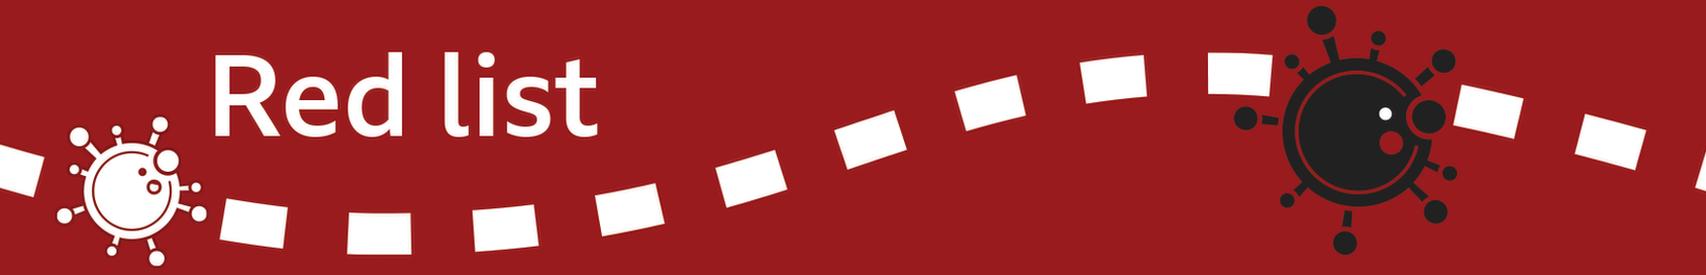 bannière de la liste rouge